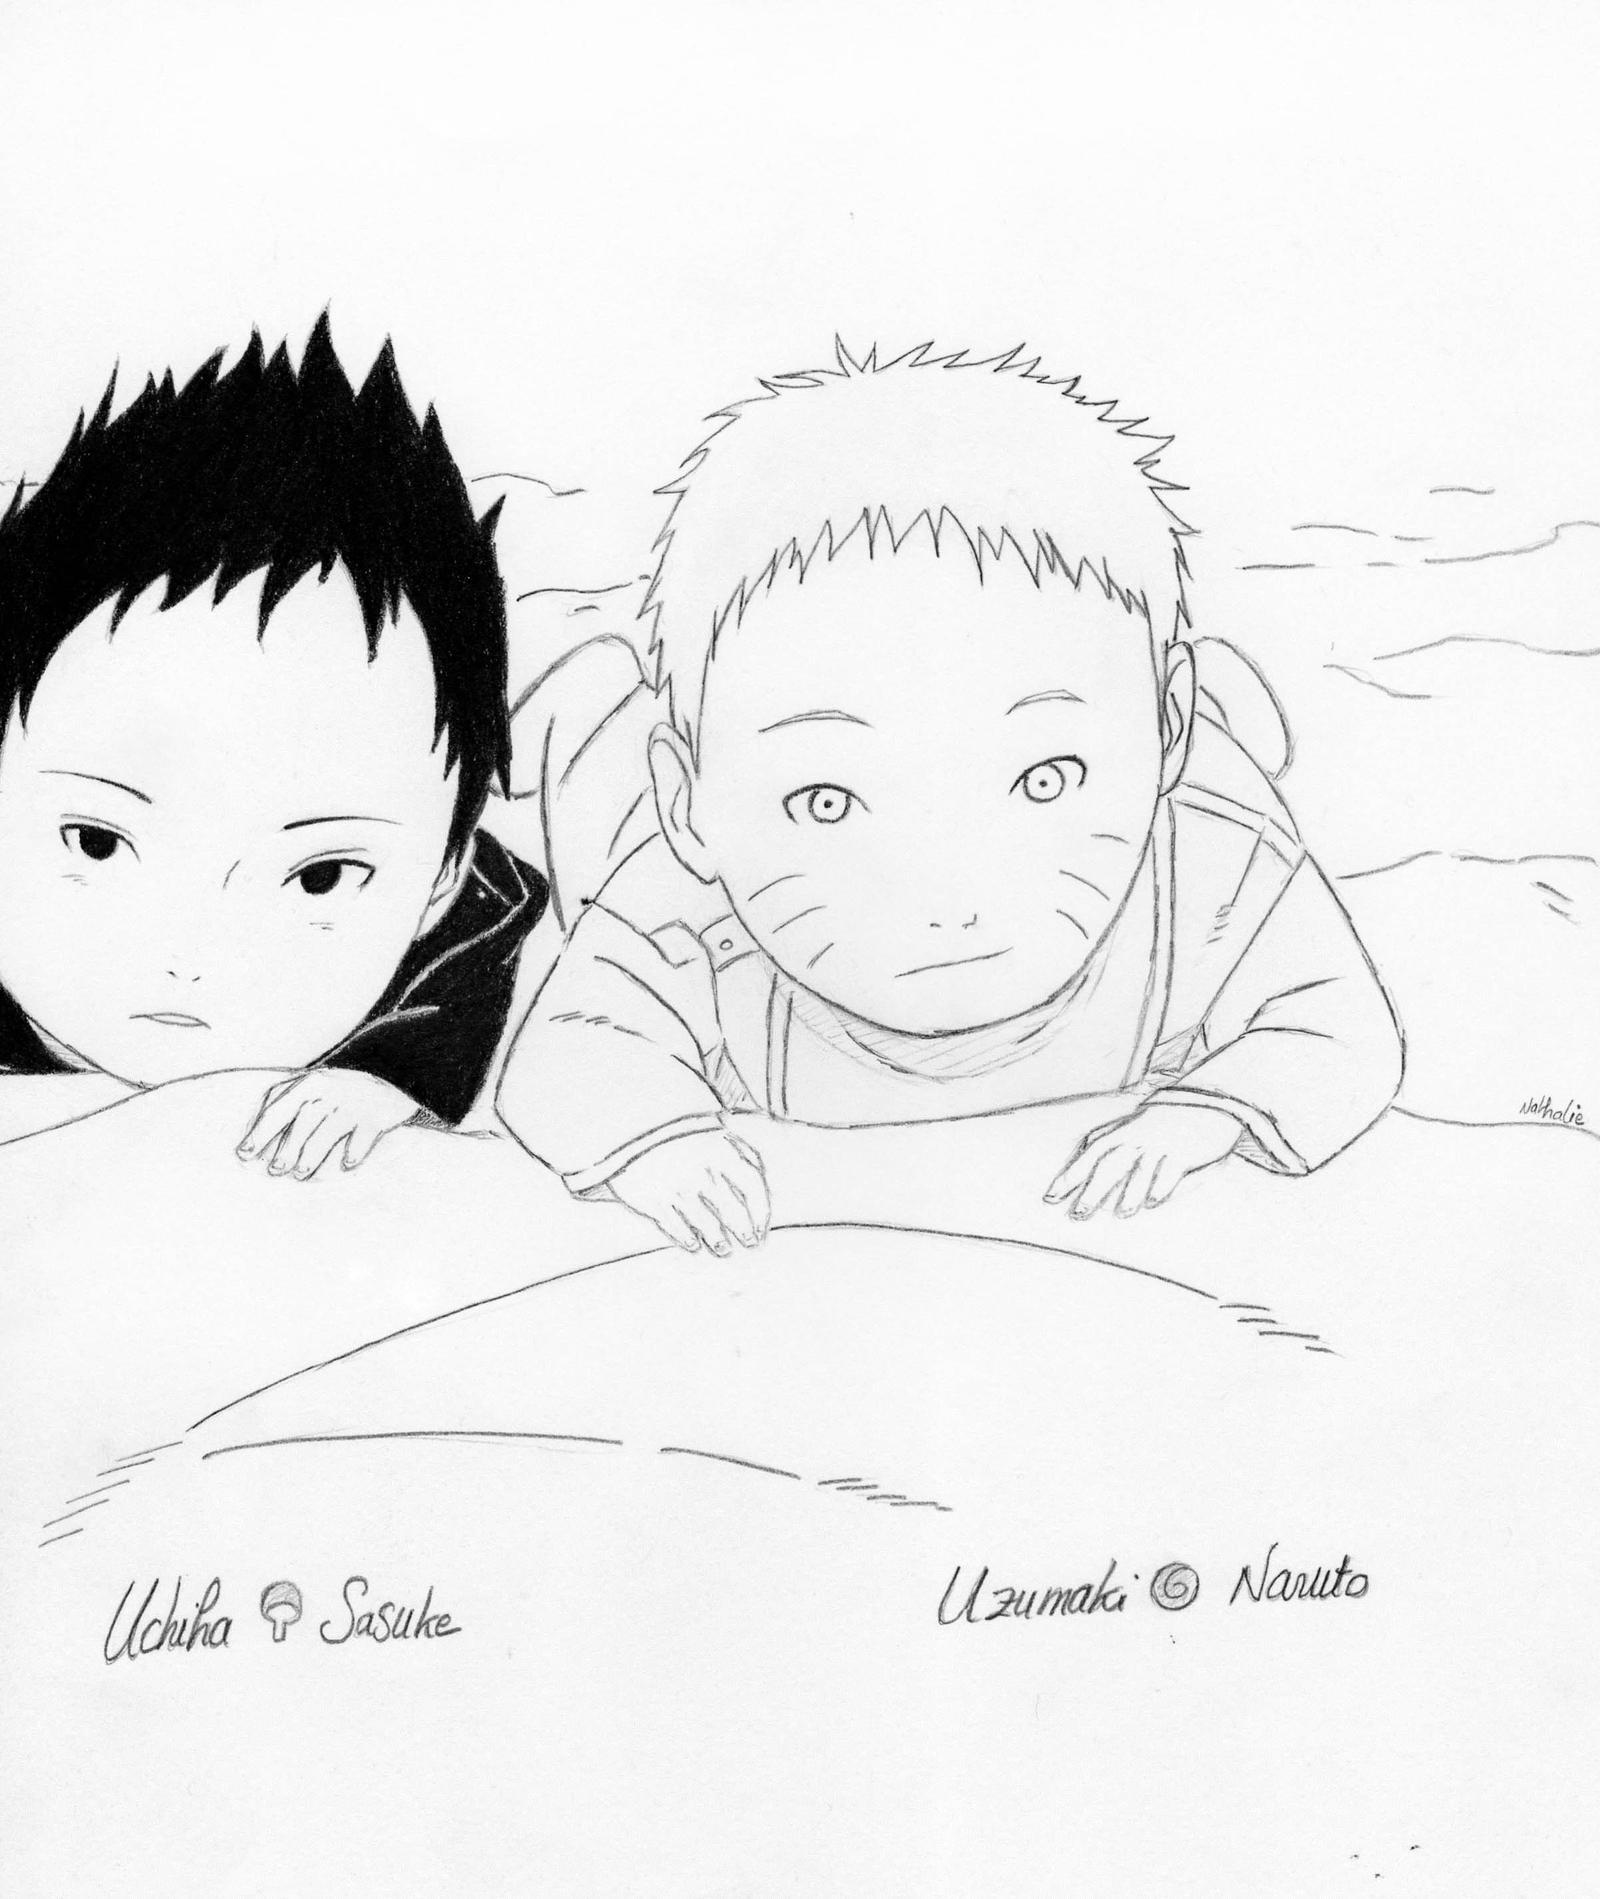 Baby Sasuke and Baby Naruto by Sakura5192 on DeviantArt